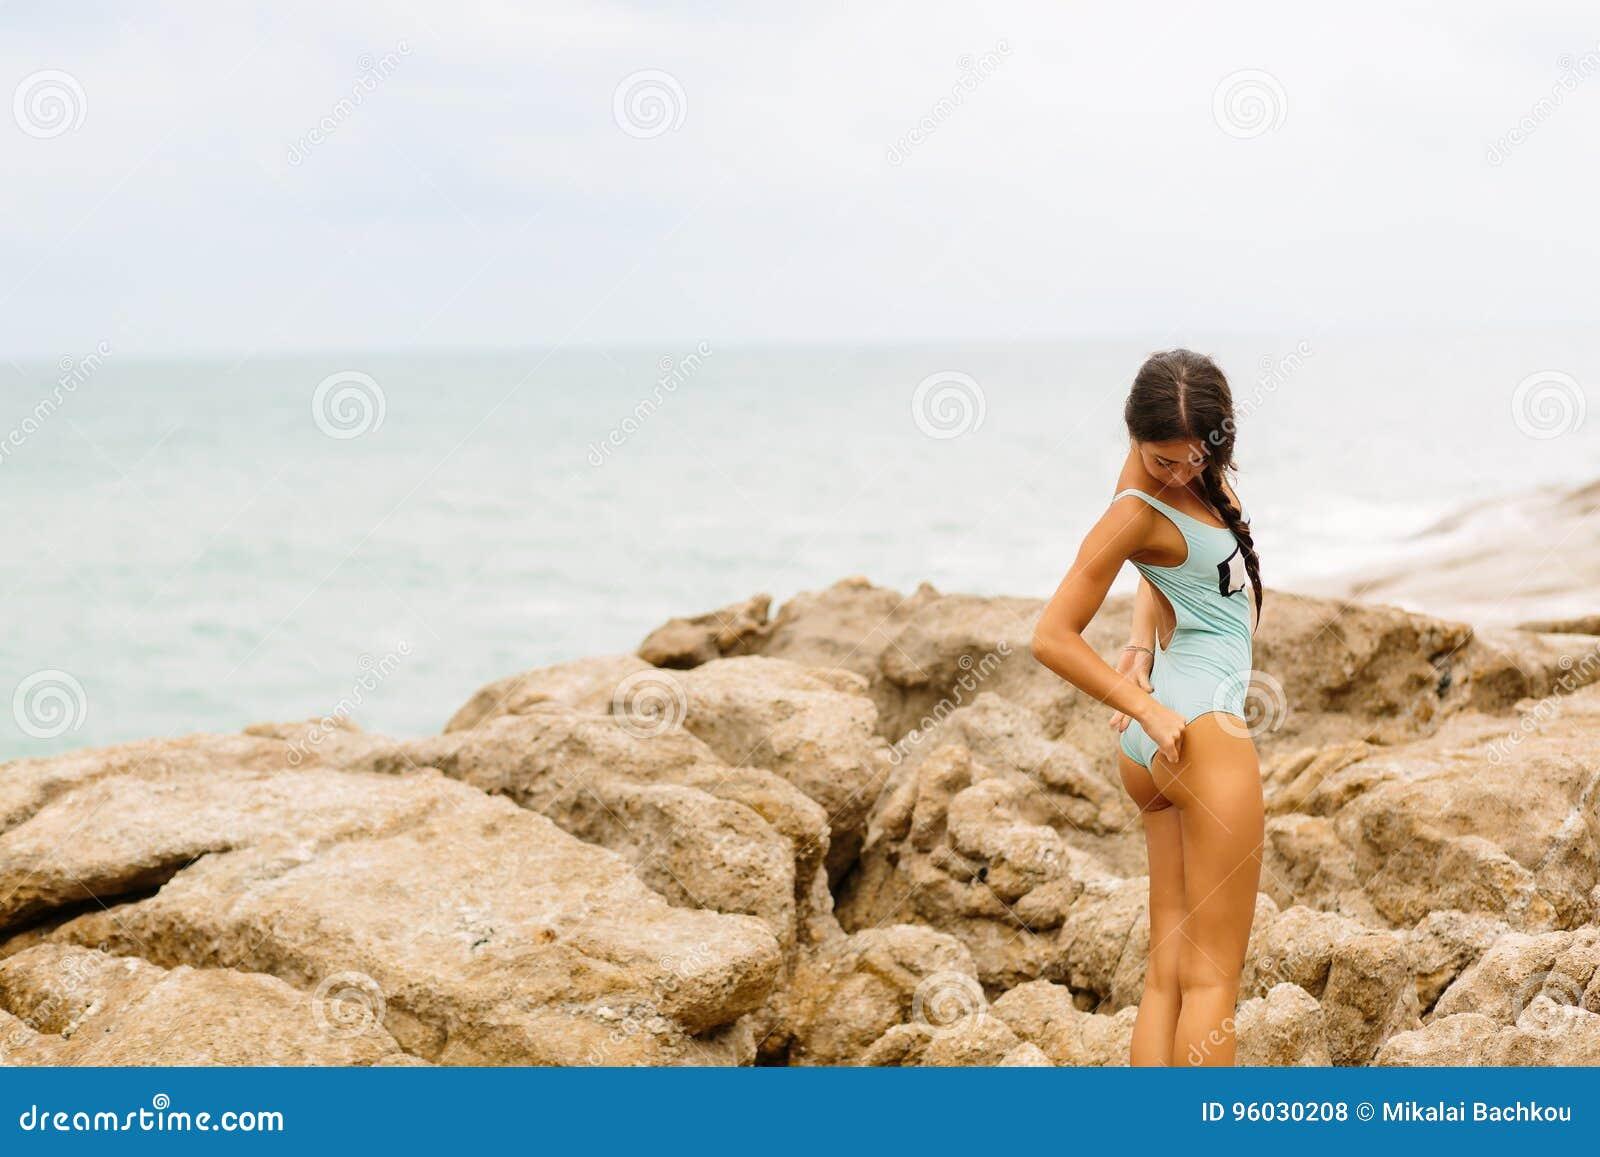 Piękna dziewczyna w błękitnym swimsuit spacerze na dużym kamieniu